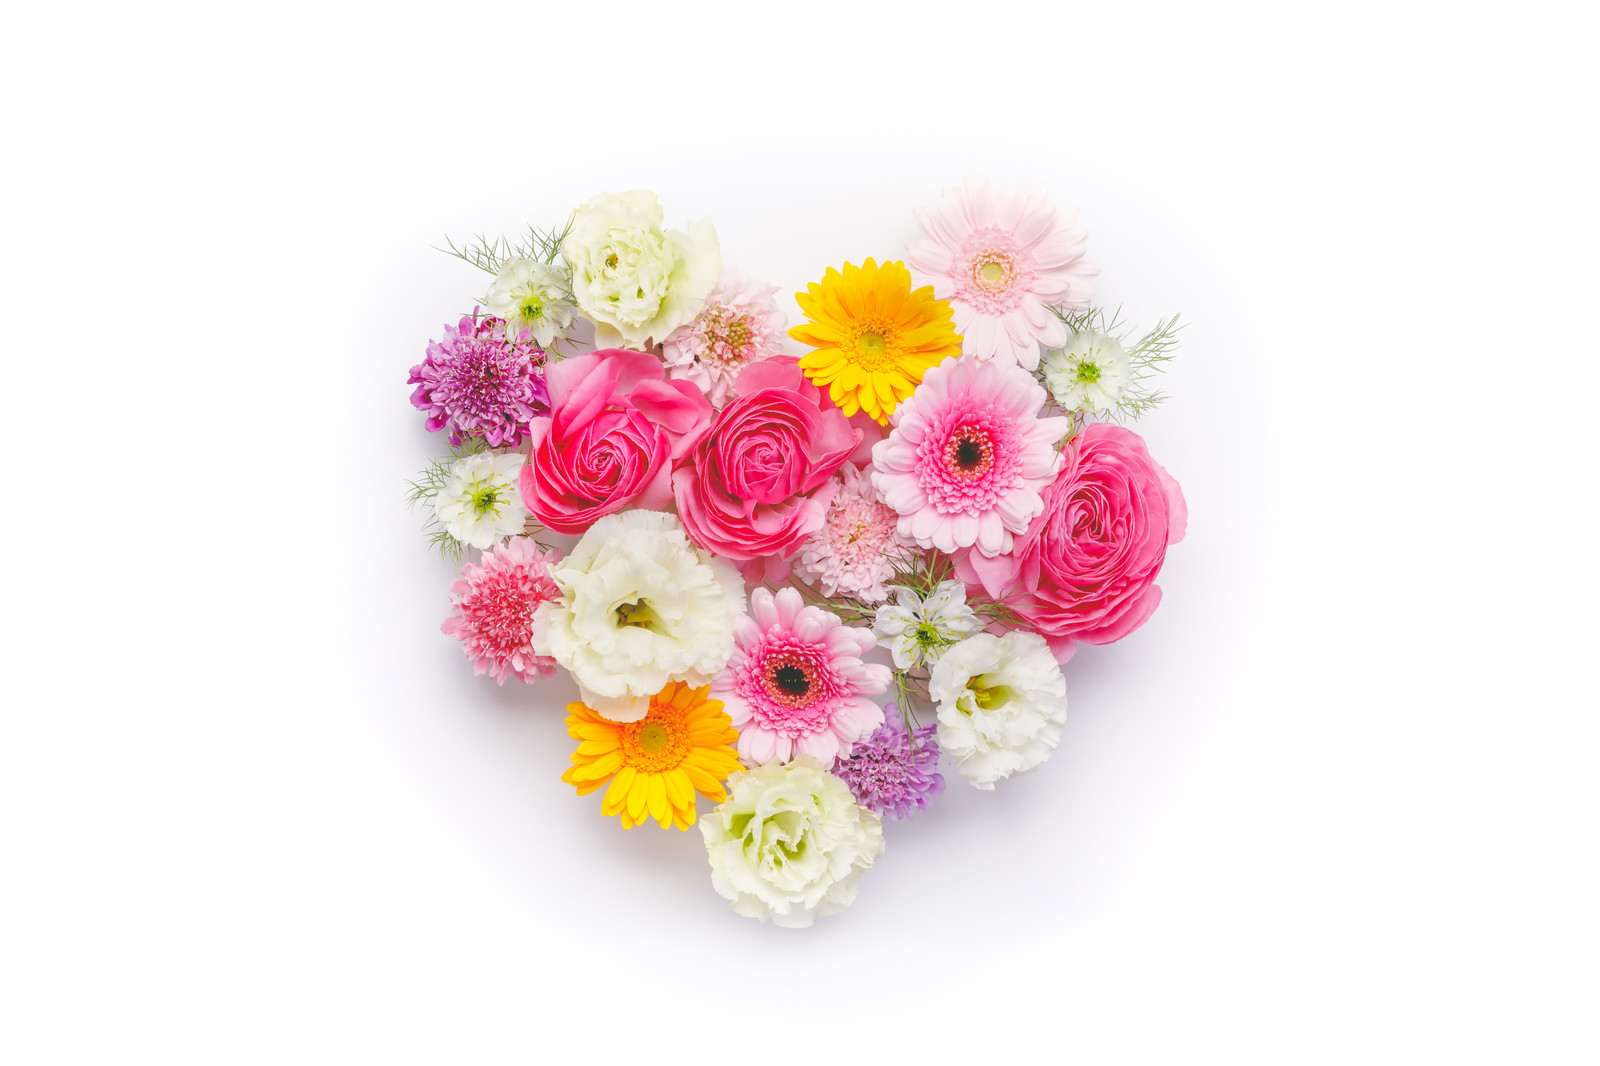 「ハート型の花ハート型の花」のフリー写真素材を拡大